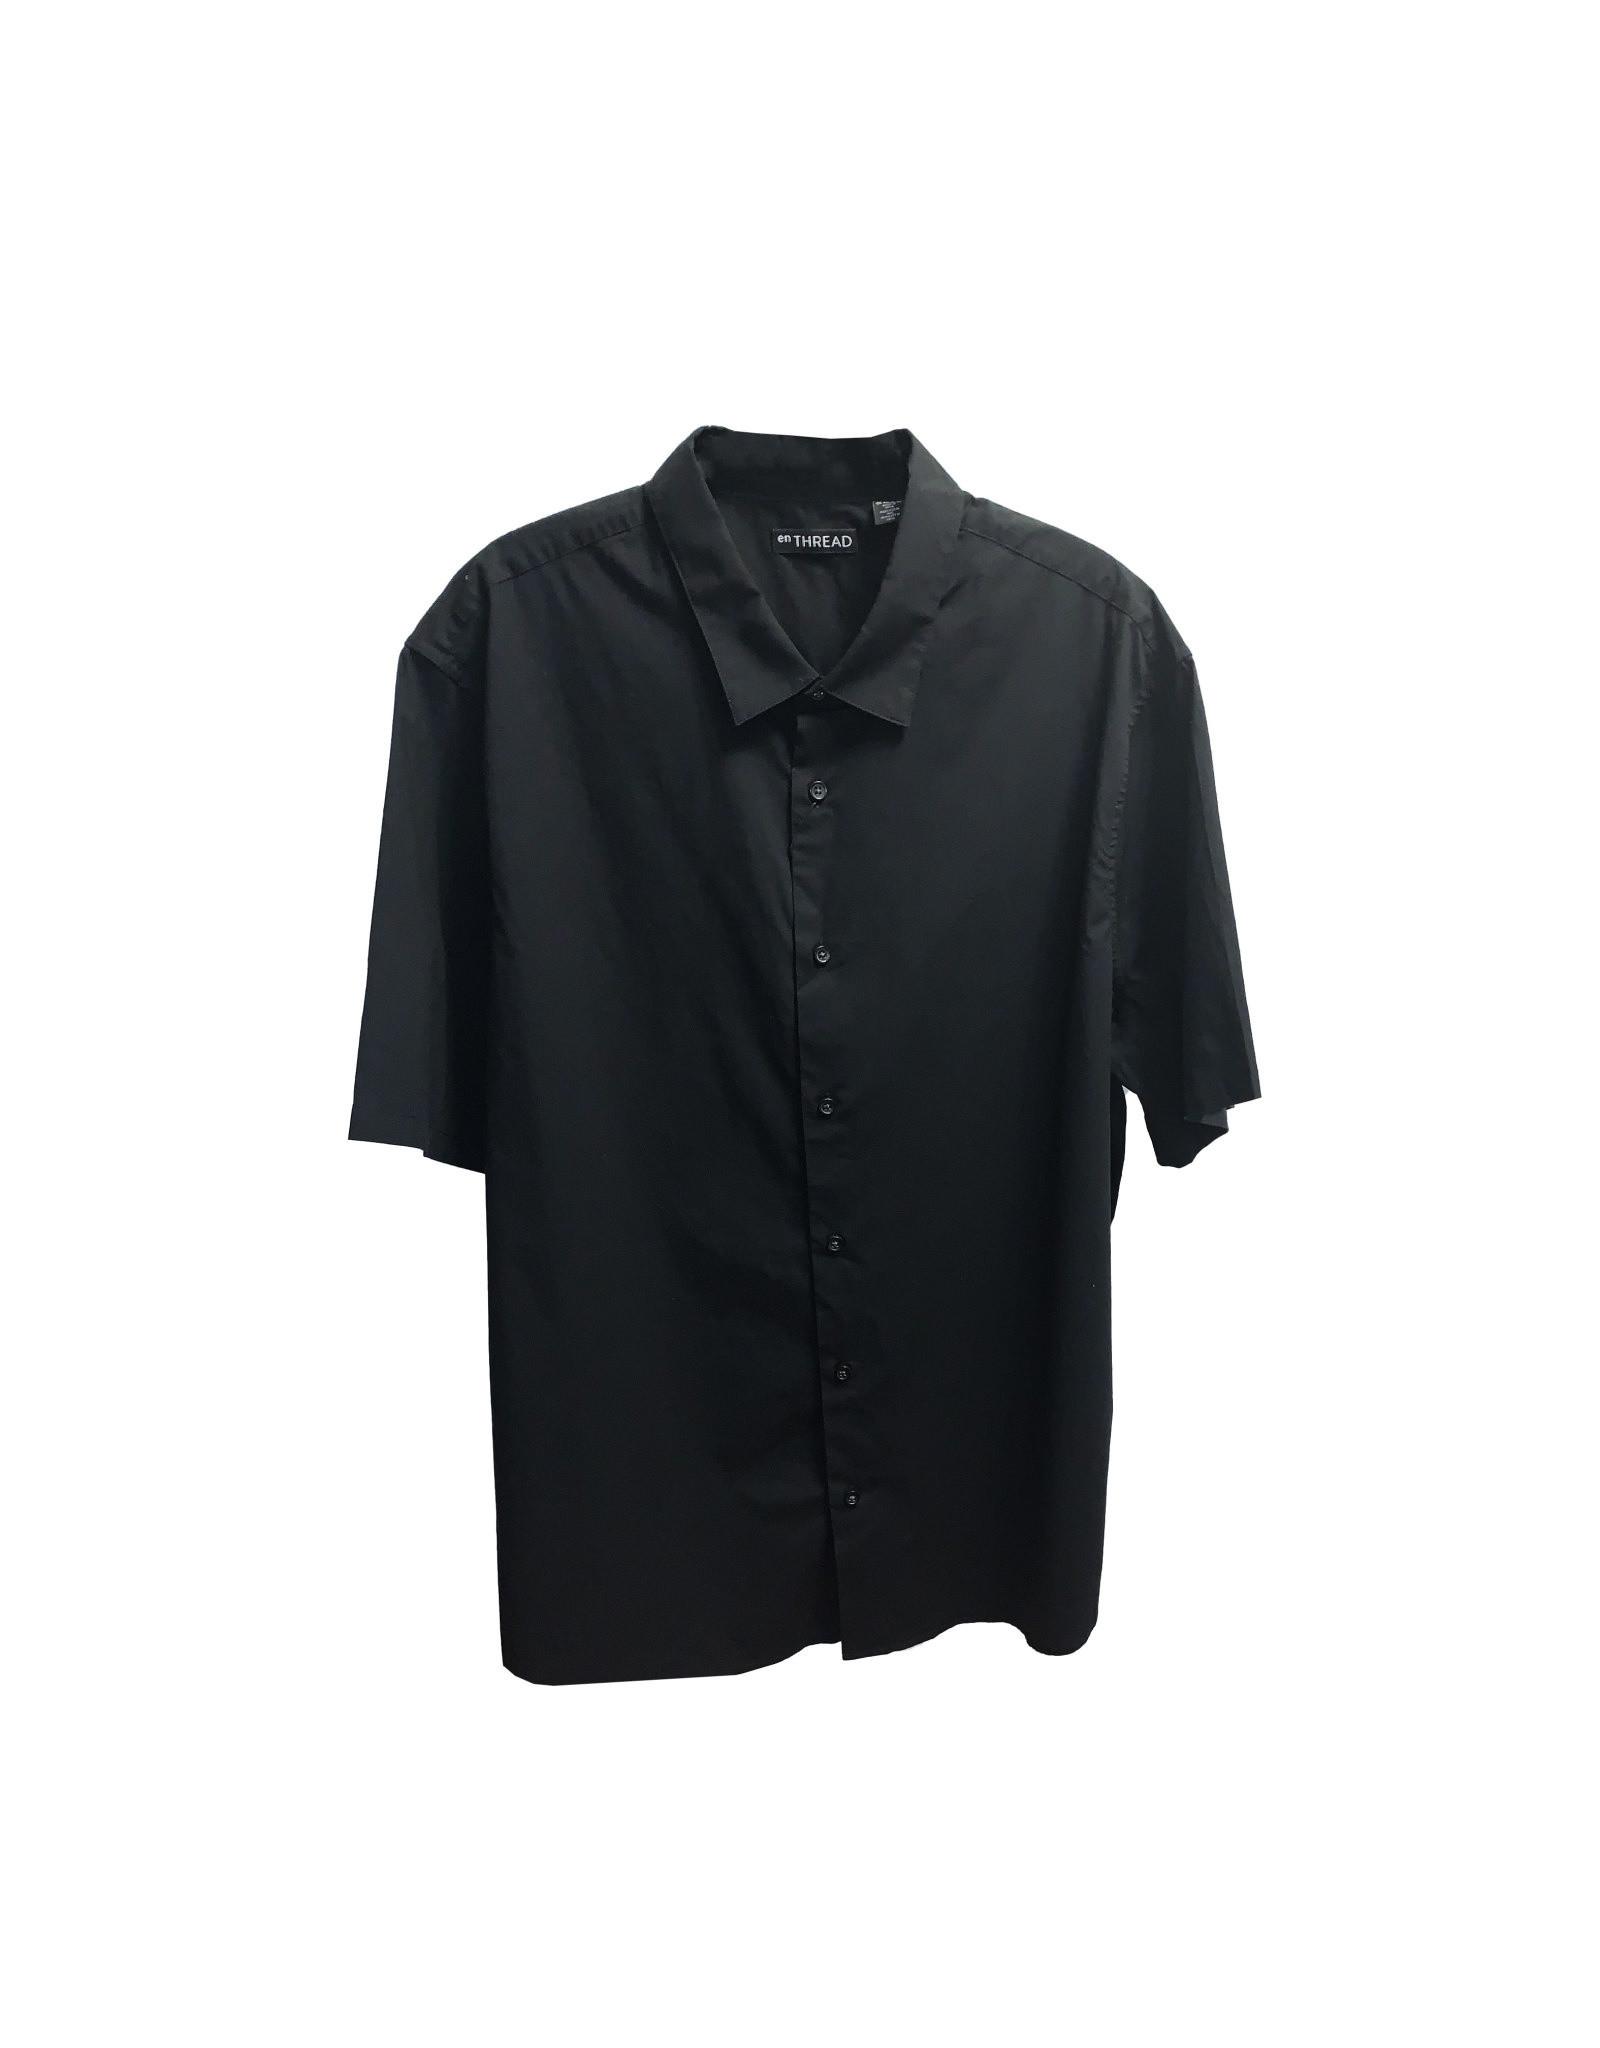 en THREAD en THREAD Black Shirt Size:  XXL